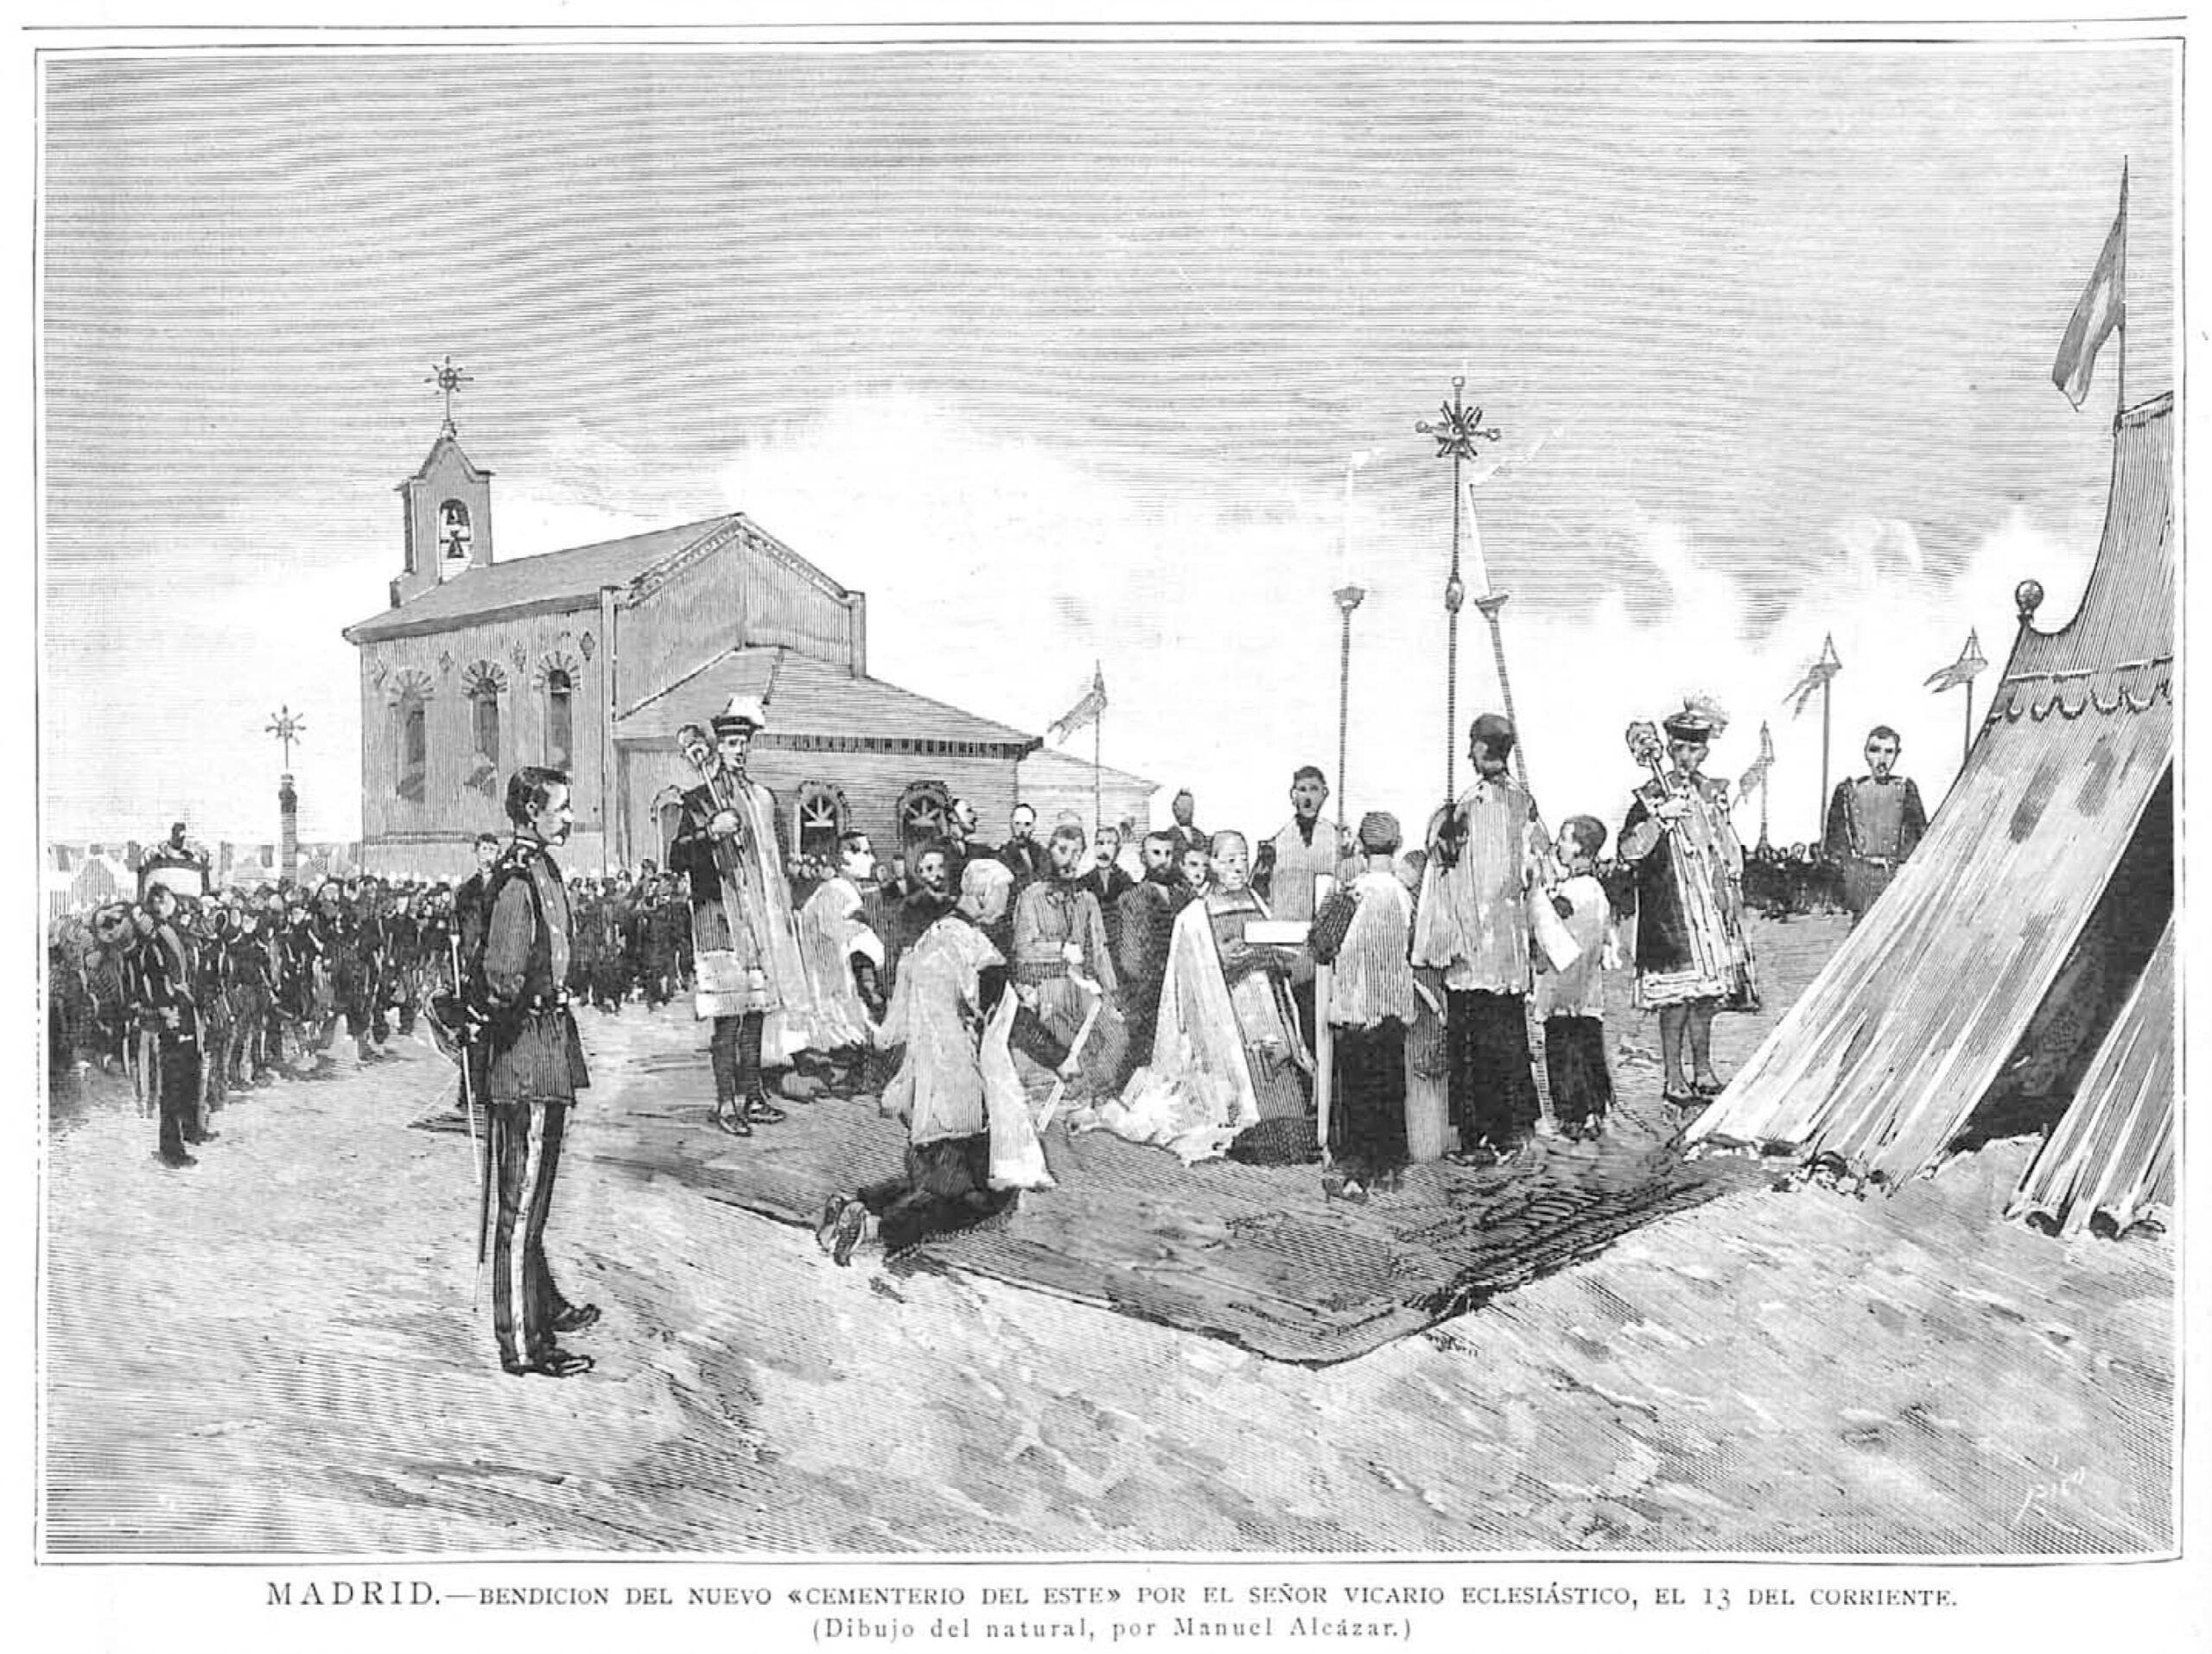 Bendición del nuevo cementerio del Este el 13 de septiembre de 1884 (dibujo de Manuel Alcázar en La Ilustración Española y Americana)